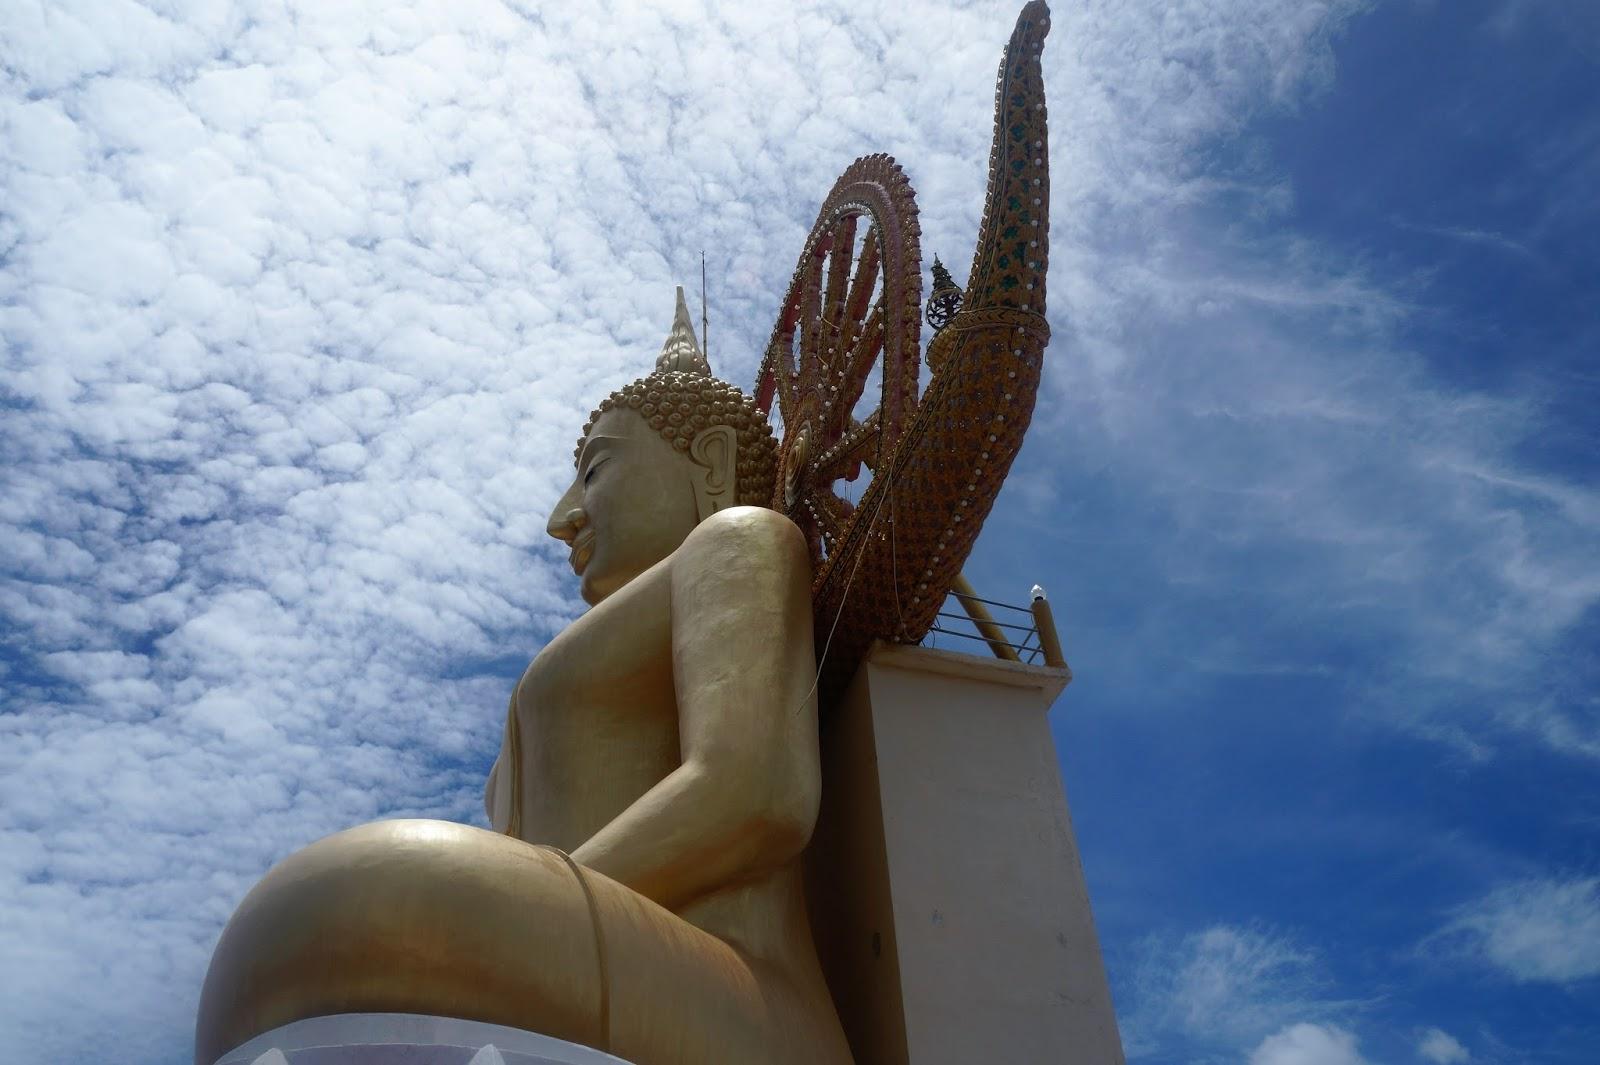 z bangkoku na koh samui, koh samui pogoda, koh samui pora deszczowa, ko samui tajlandia